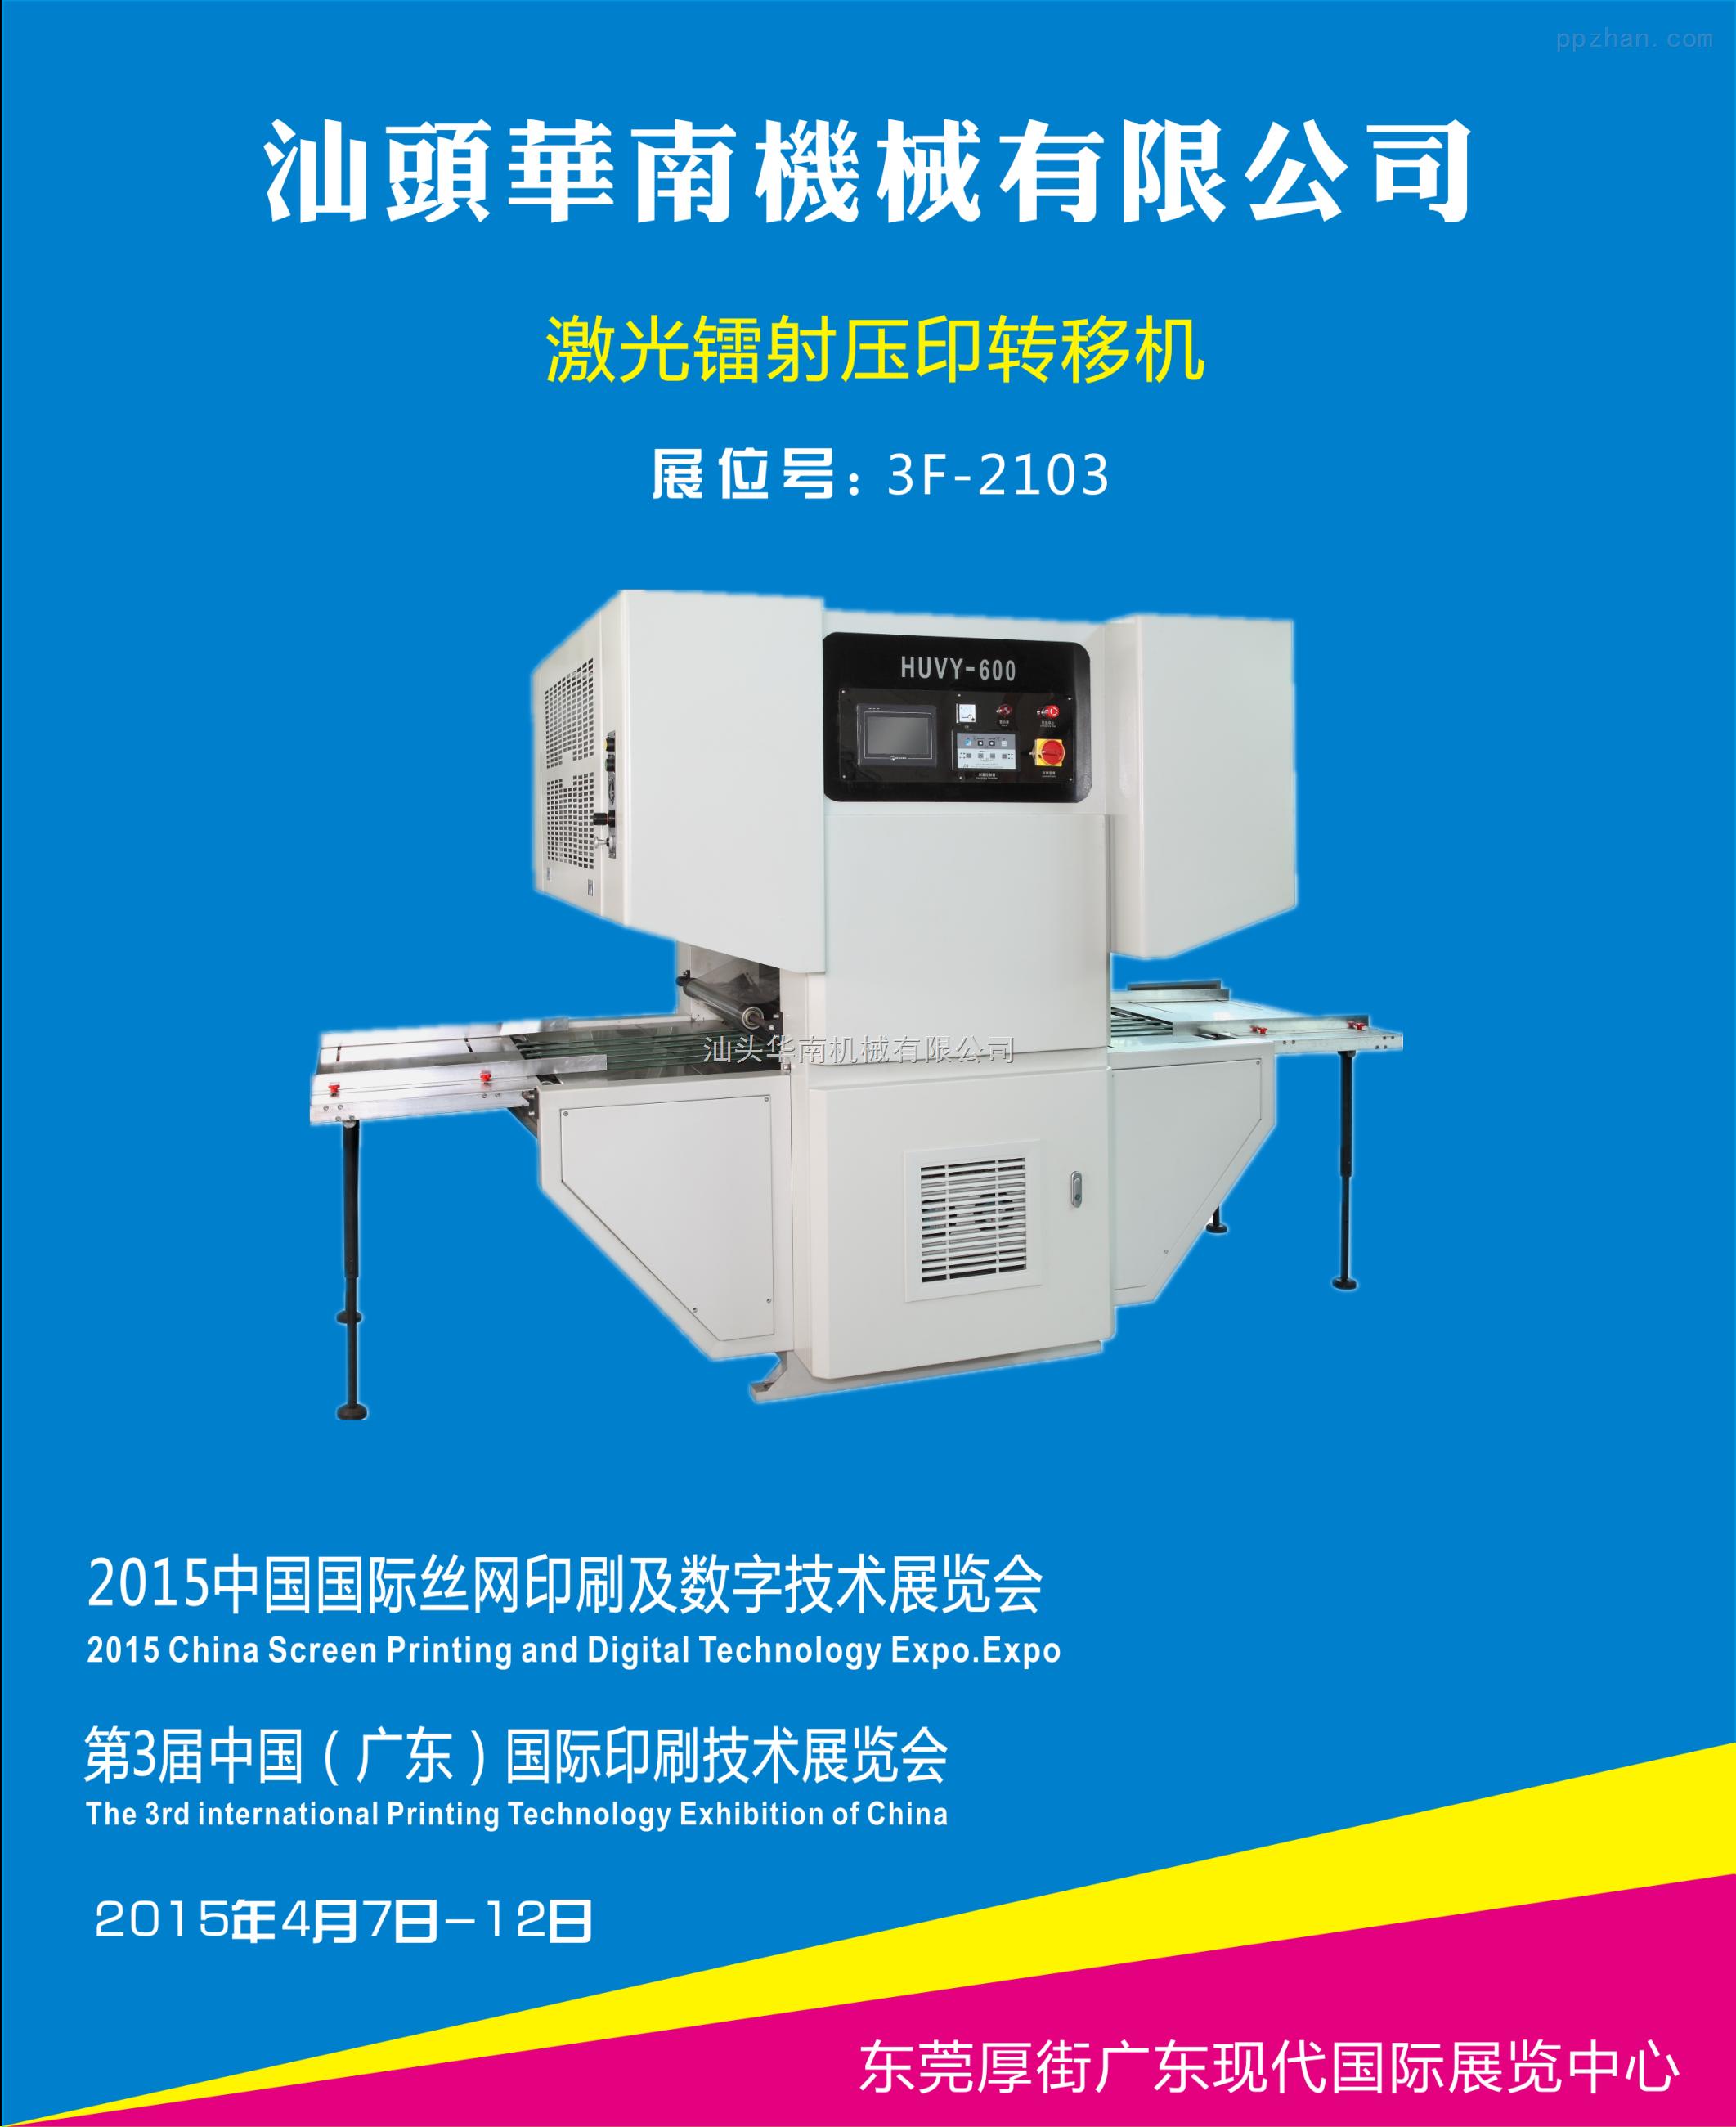 第3届中国(广东)国际印刷技术展览会